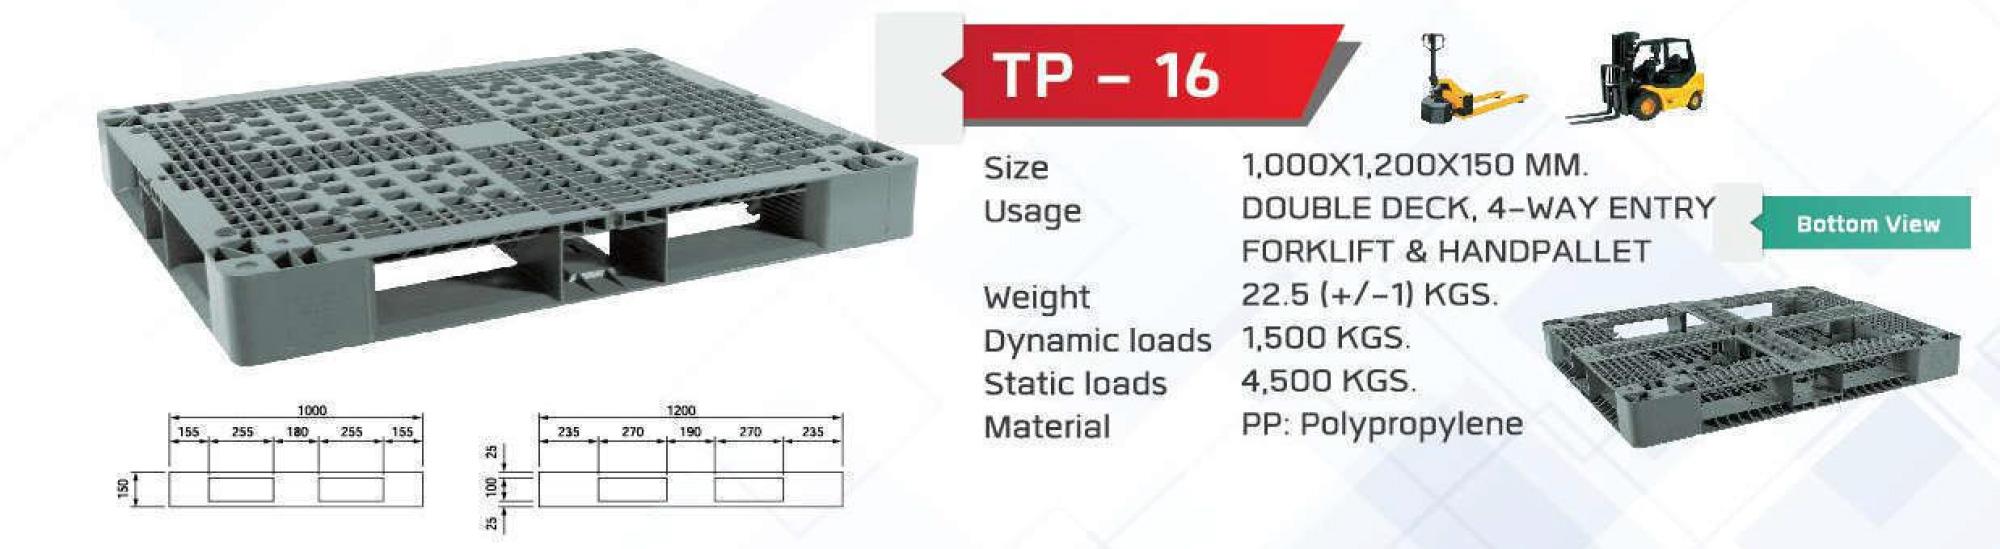 Non-Reversible-pallet-TP-16